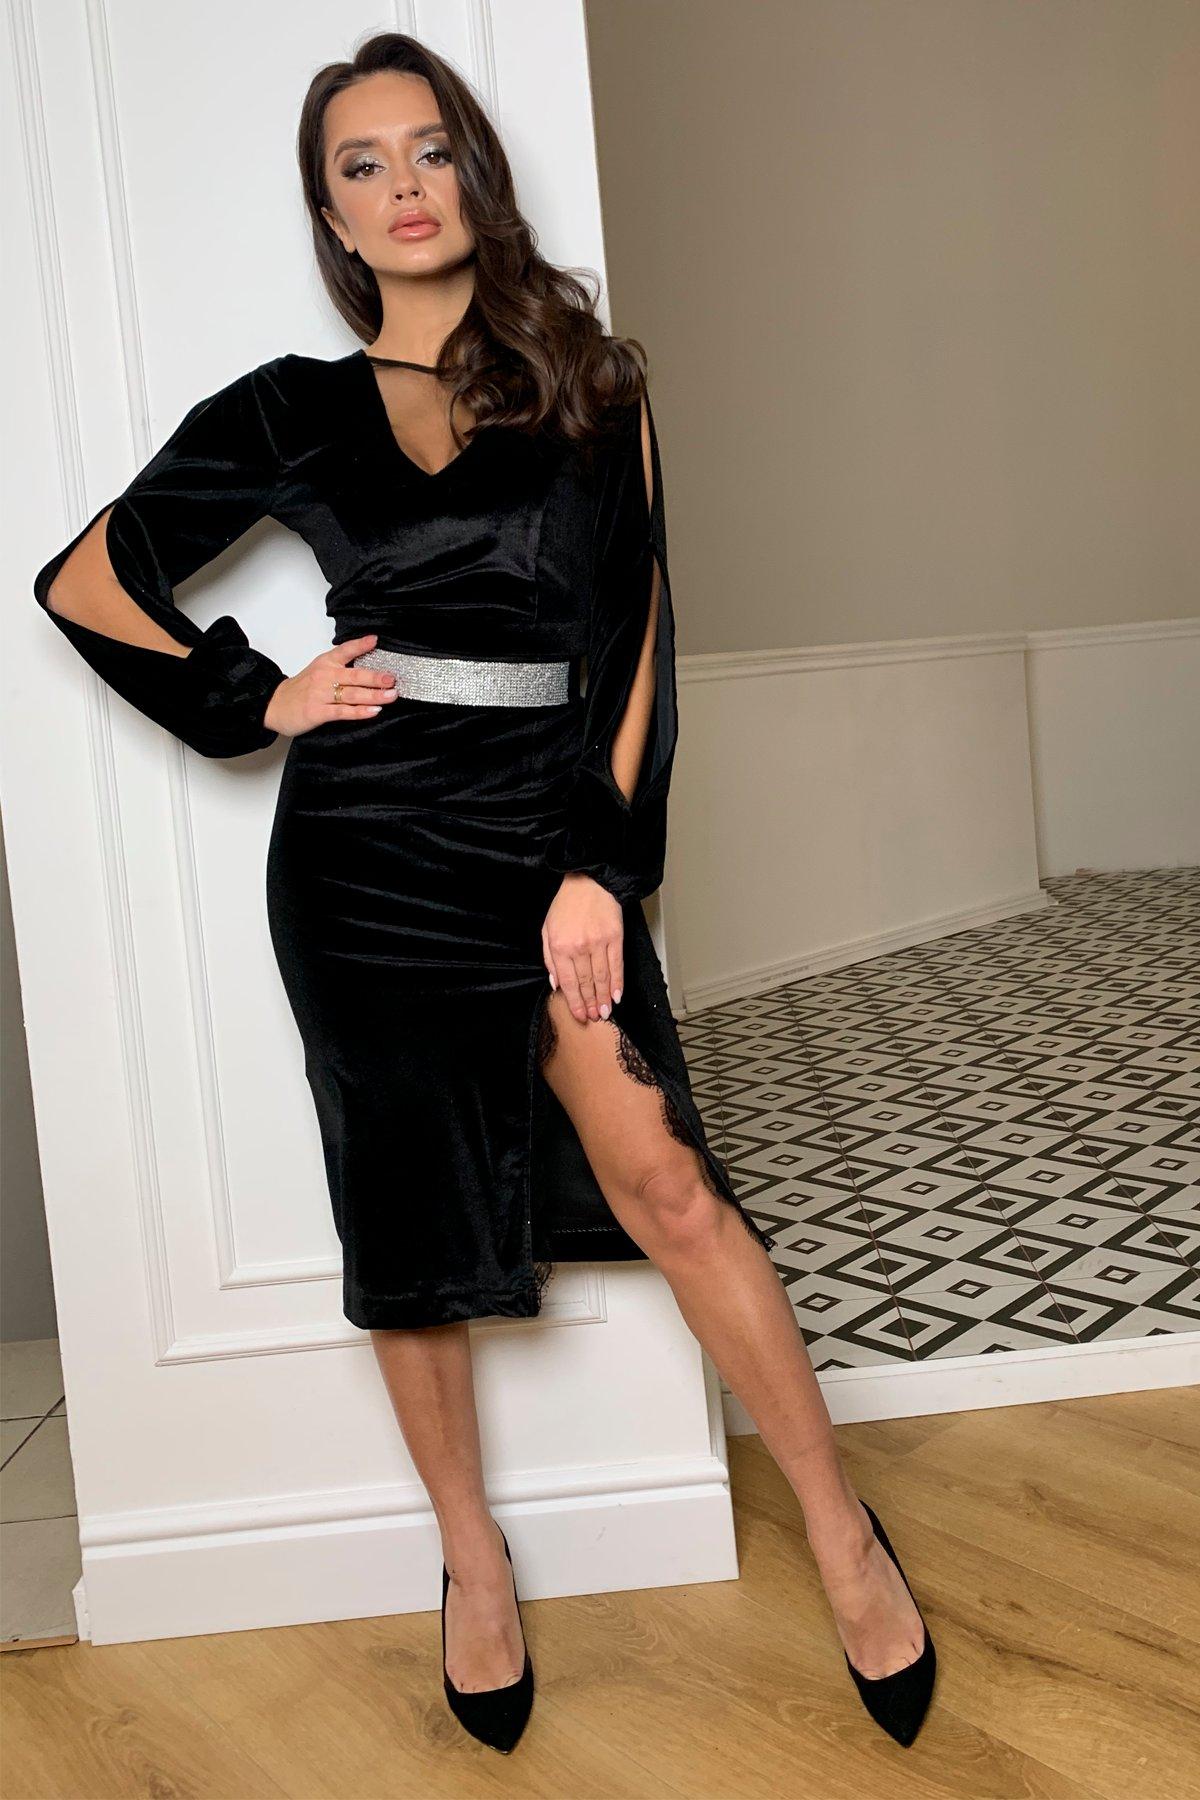 Нарядное велюровое платье Блек 8647 АРТ. 44963 Цвет: Черный - фото 4, интернет магазин tm-modus.ru